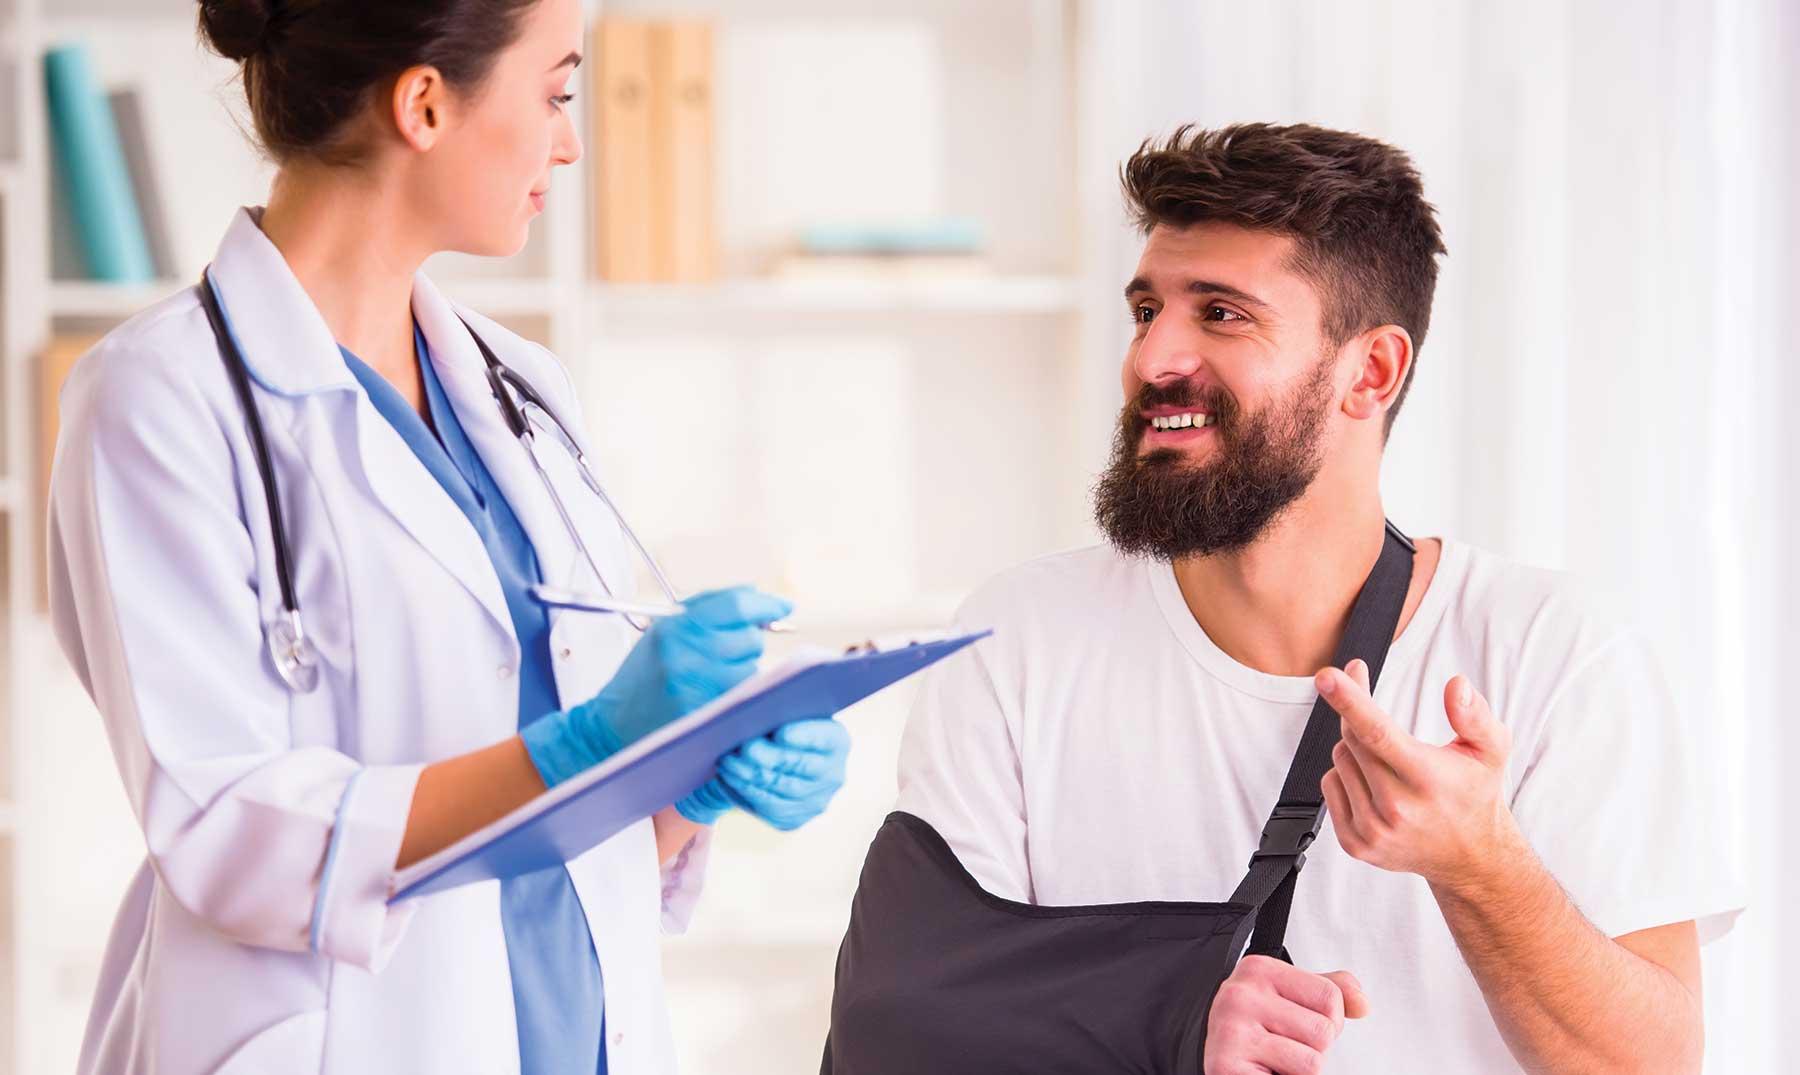 Seguro medico internacional | Por que contratarlo, mejores opciones